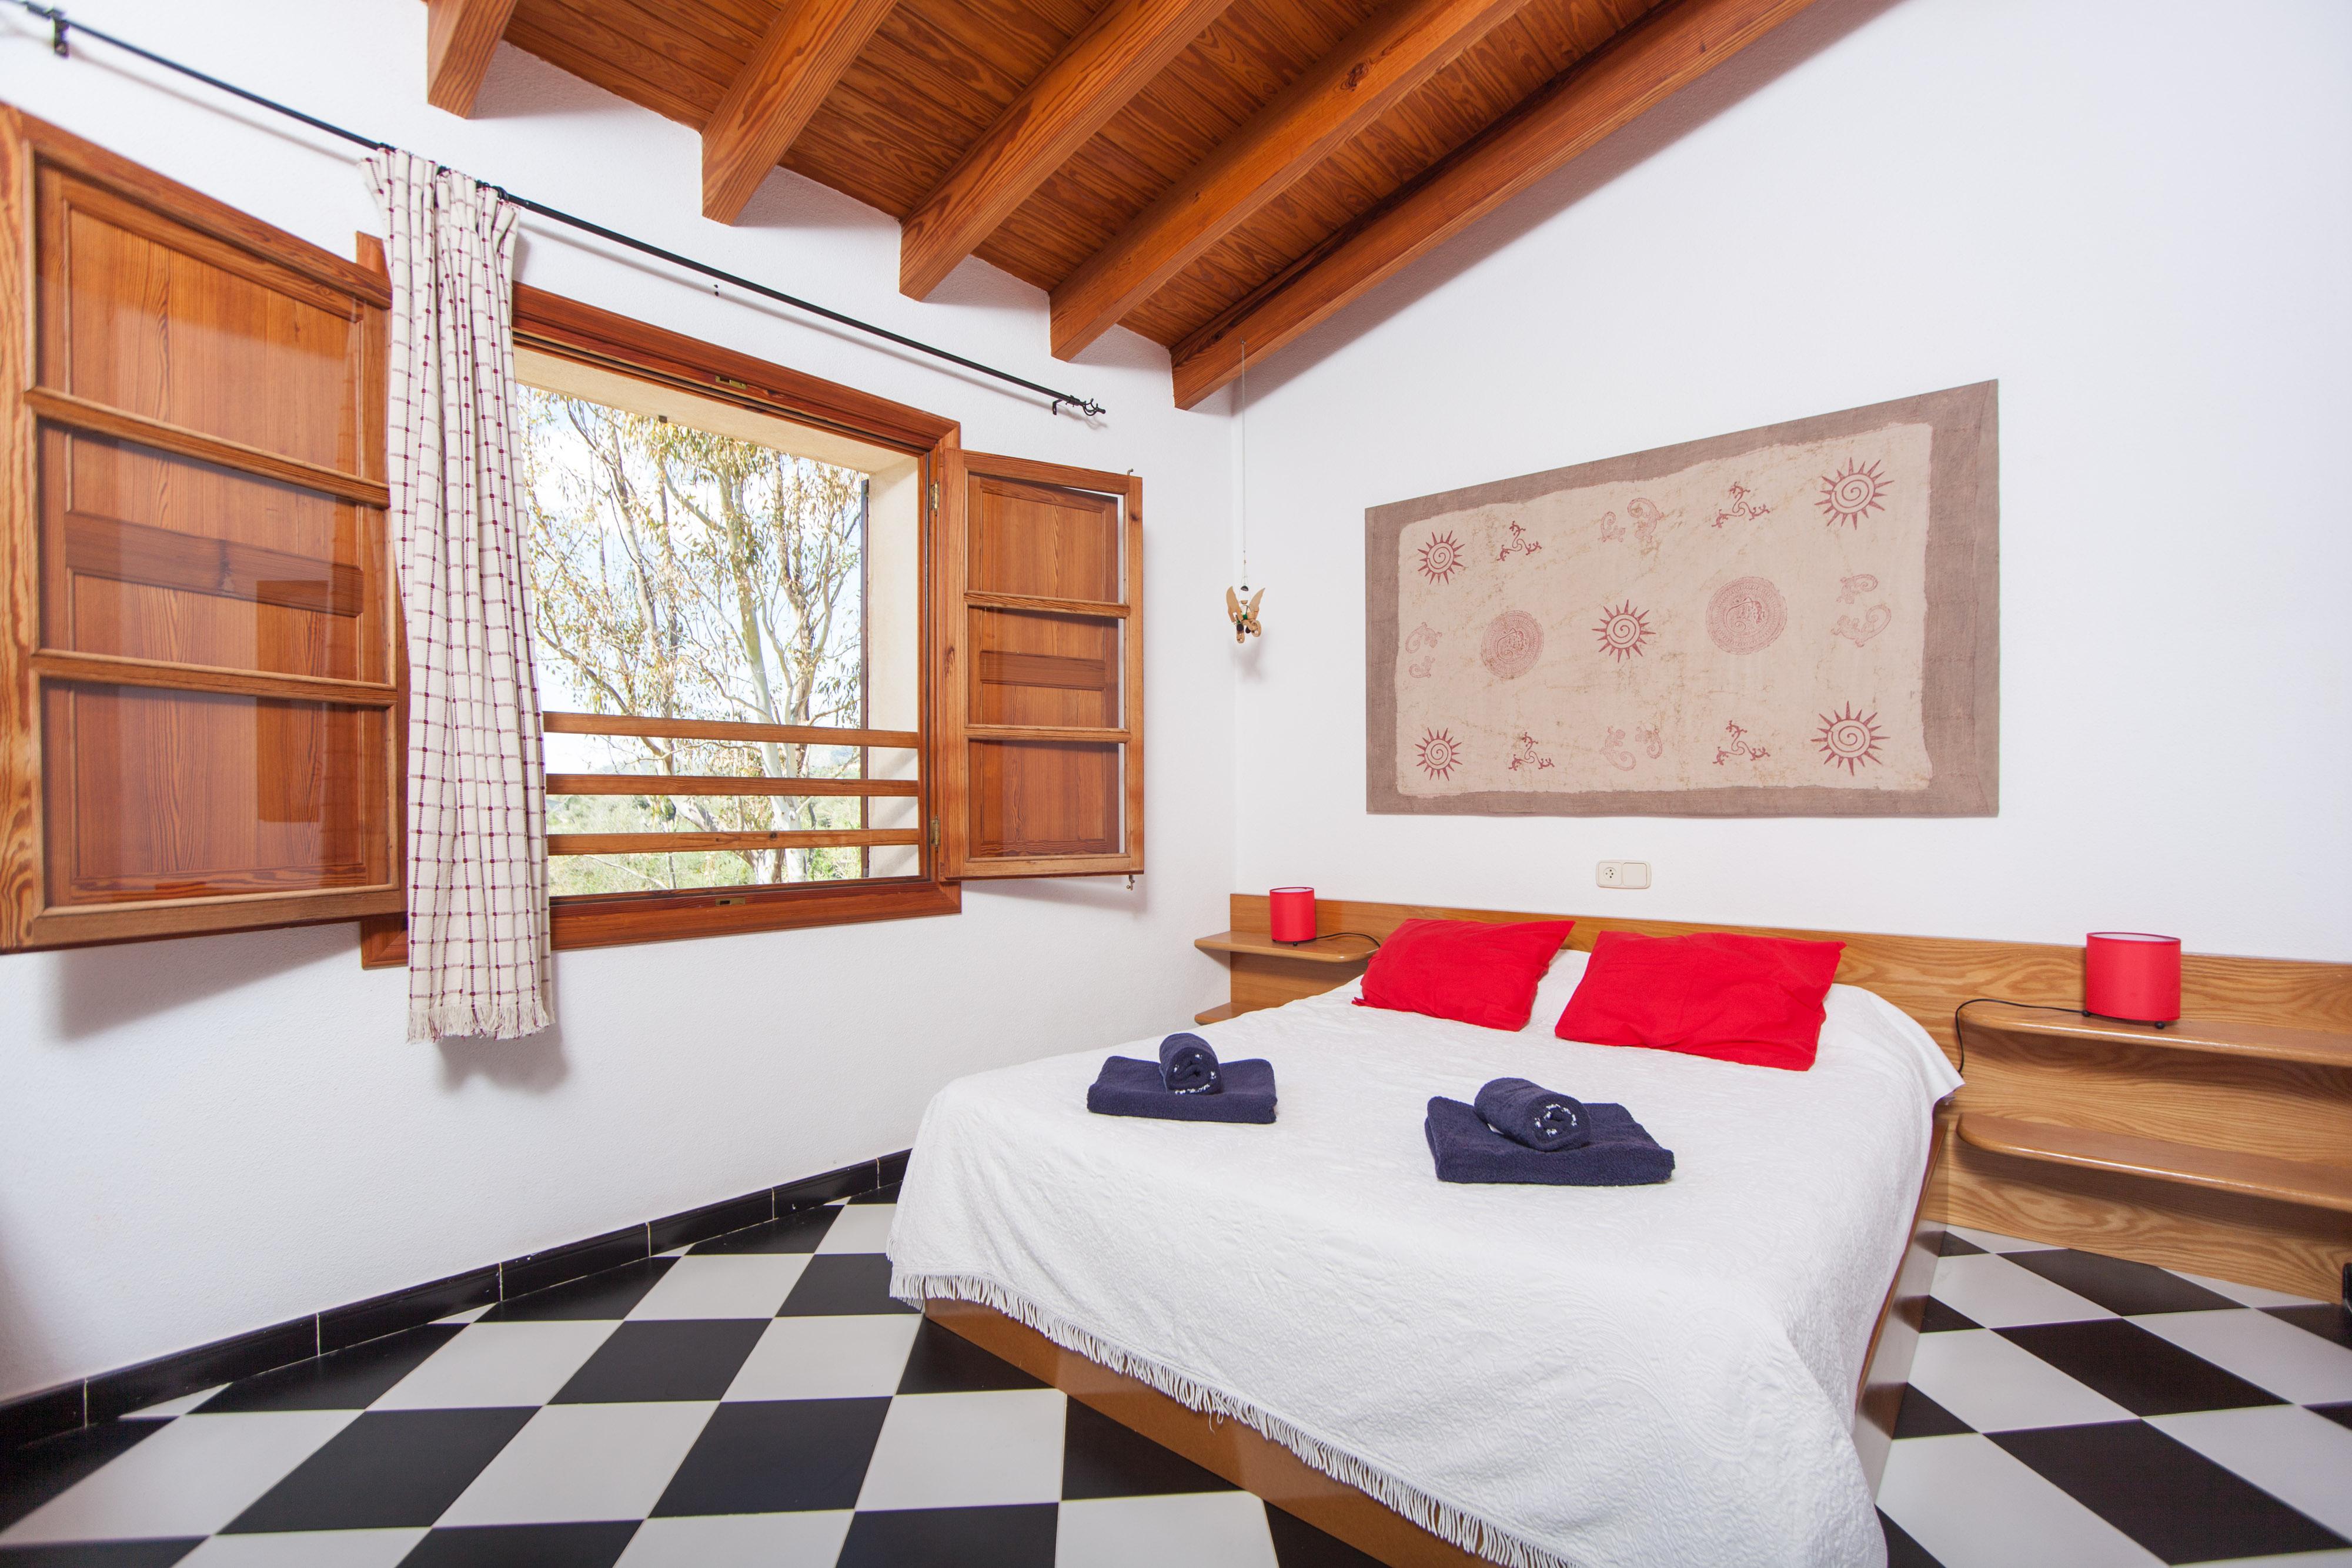 Ferienhaus SOS MONJOS (2177982), Arta, Mallorca, Balearische Inseln, Spanien, Bild 20